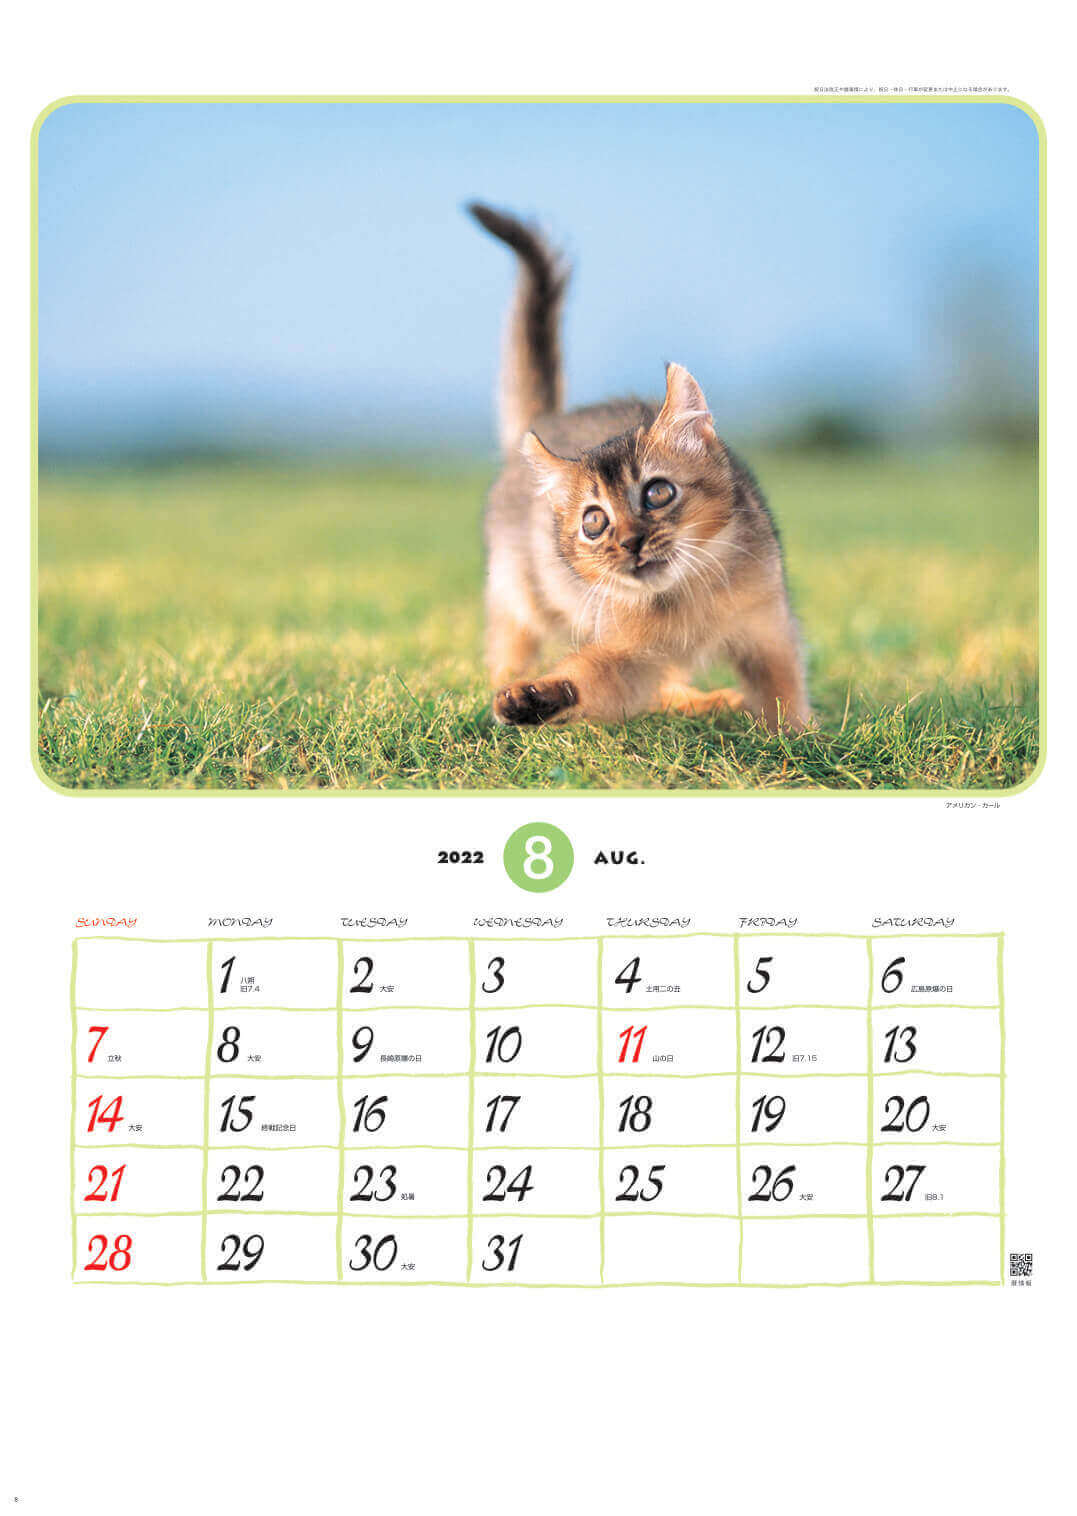 アメリカン・カール リトルフレンド 2022年カレンダーの画像